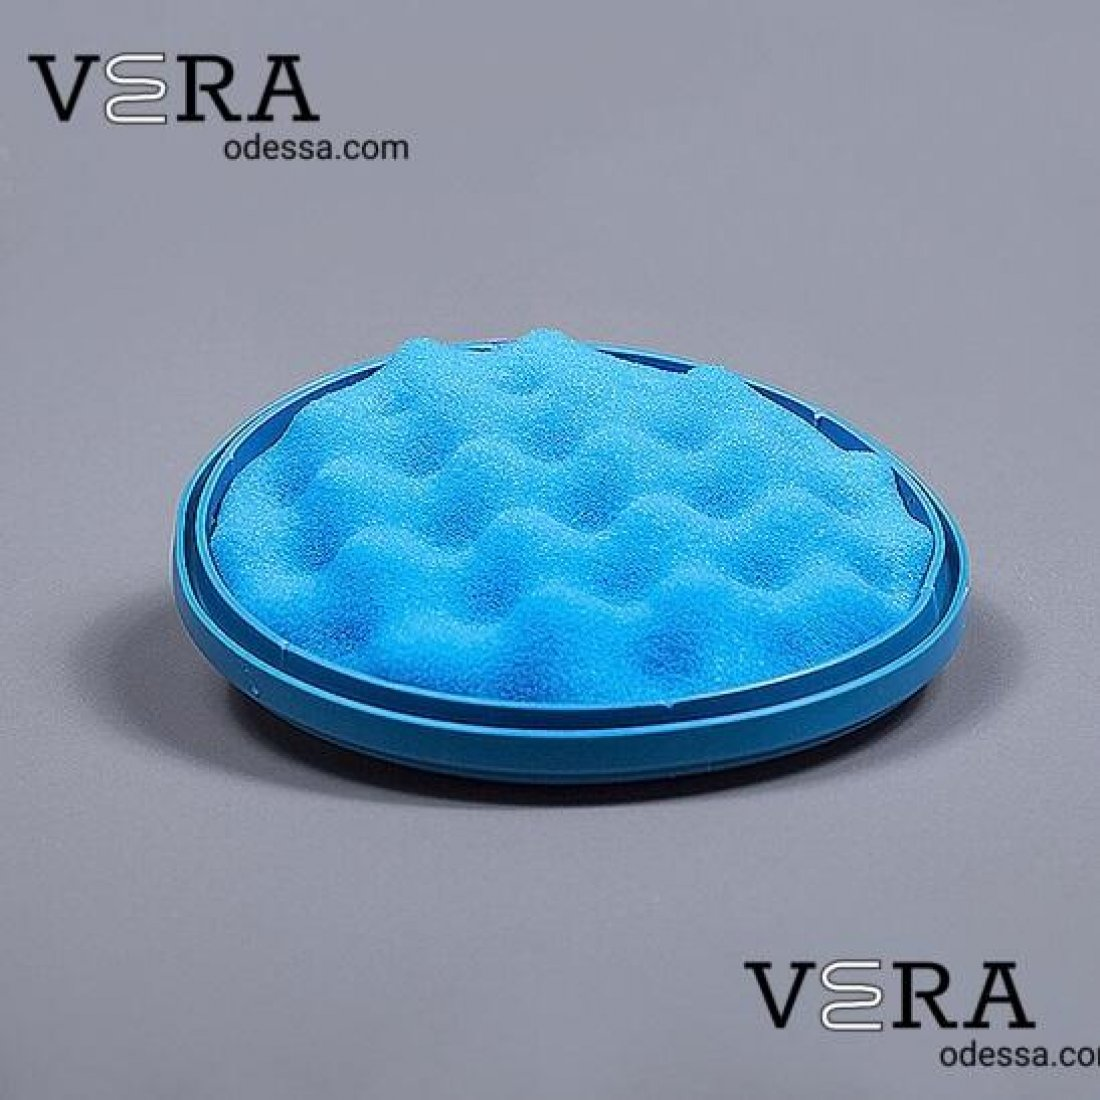 Купить фильтр для пылесоса SAMSUNG DJ63-01285A оптом в Украине, фотография 1